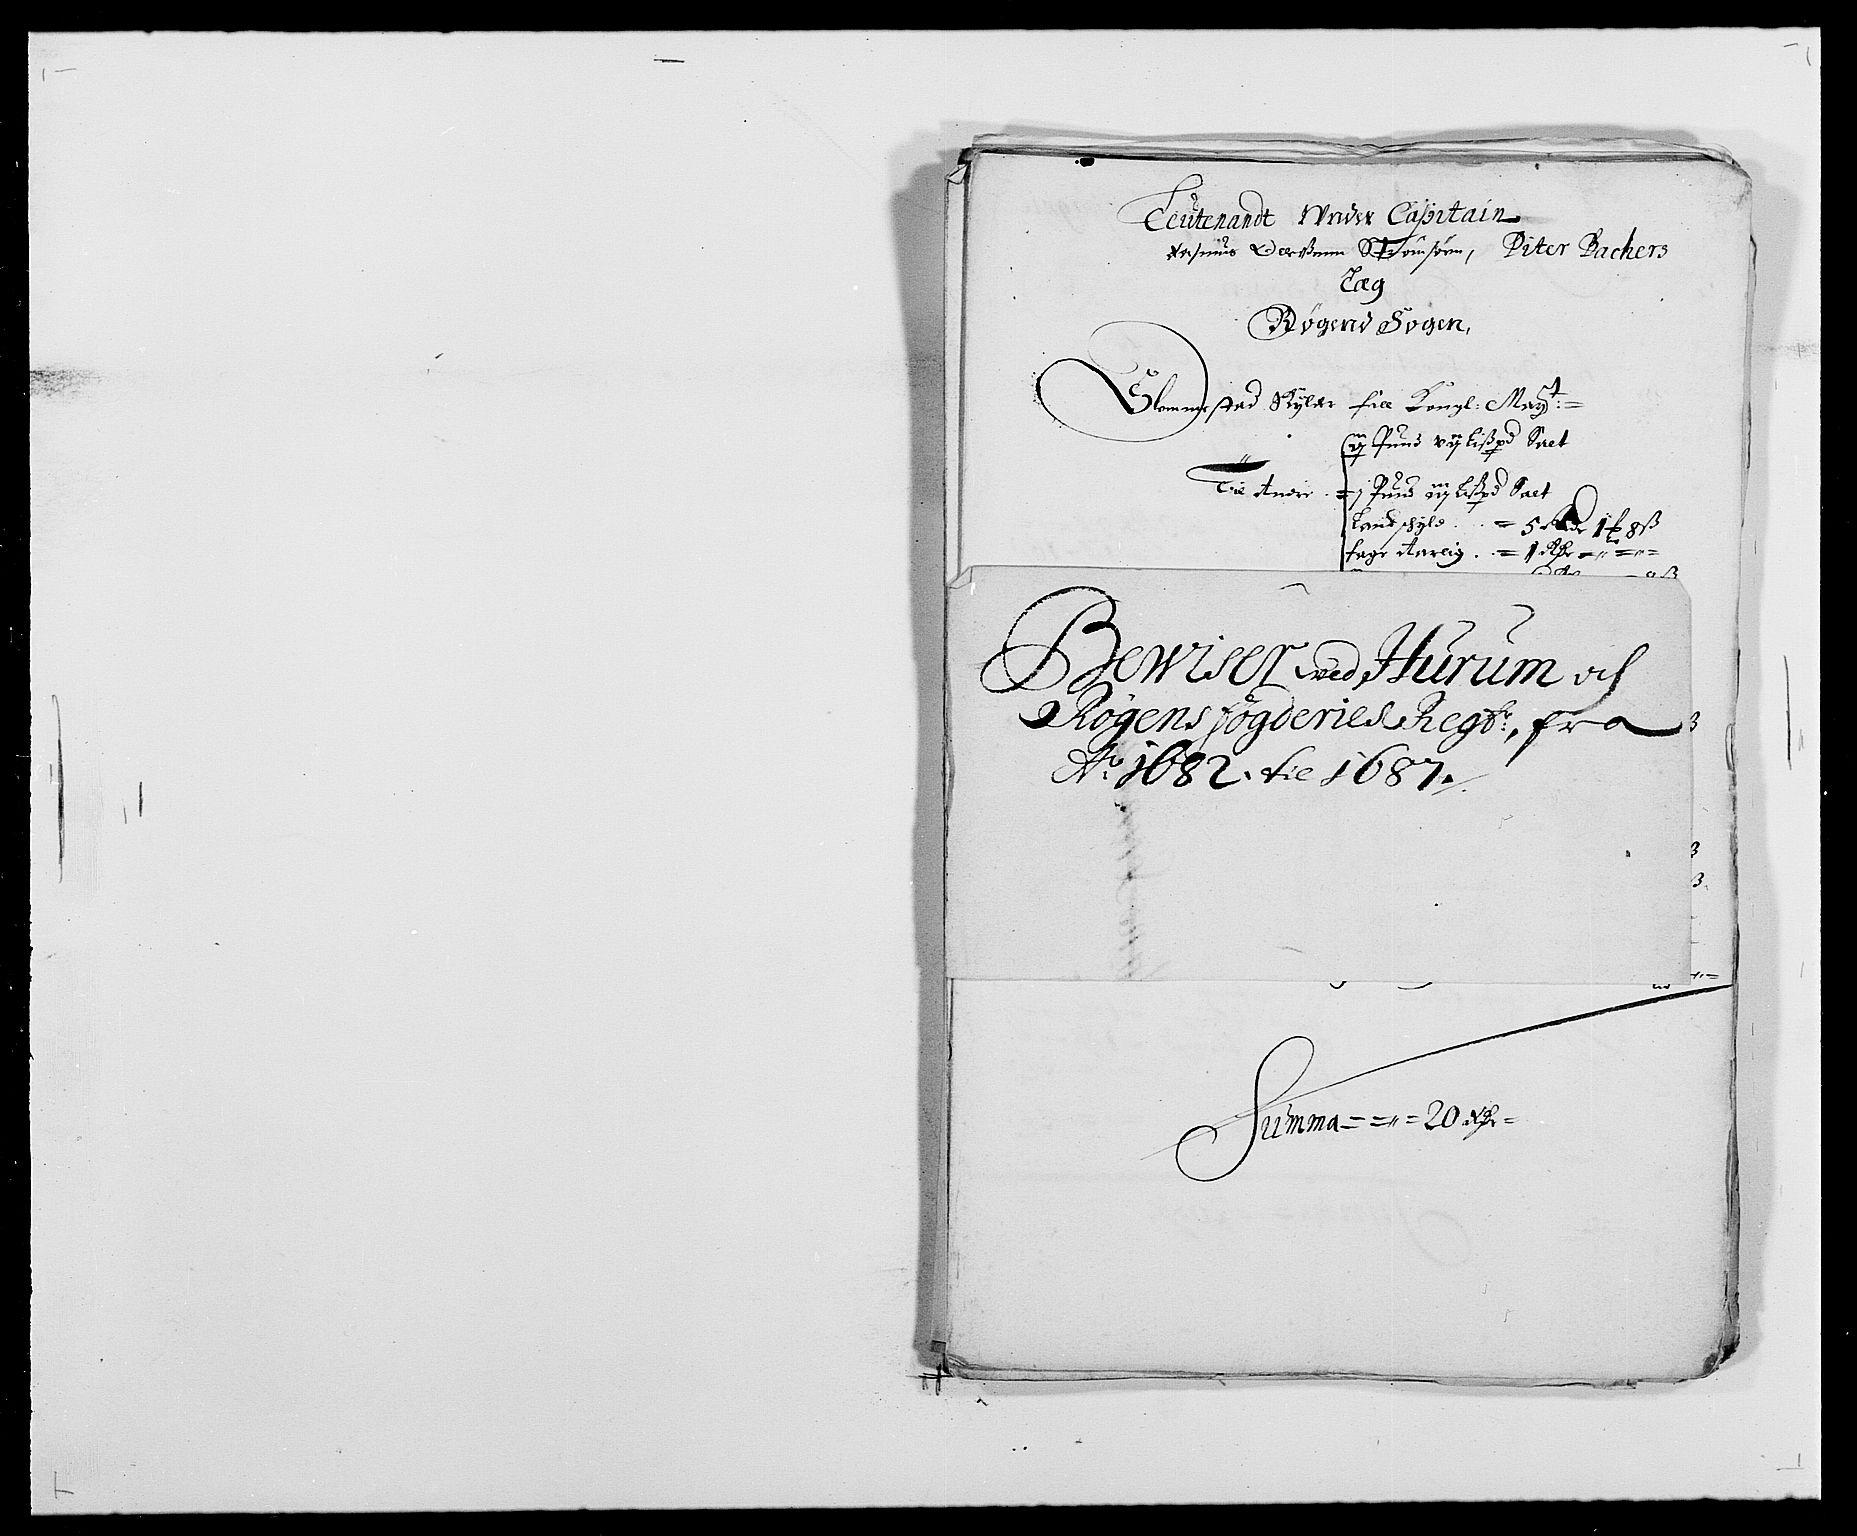 RA, Rentekammeret inntil 1814, Reviderte regnskaper, Fogderegnskap, R29/L1692: Fogderegnskap Hurum og Røyken, 1682-1687, s. 340